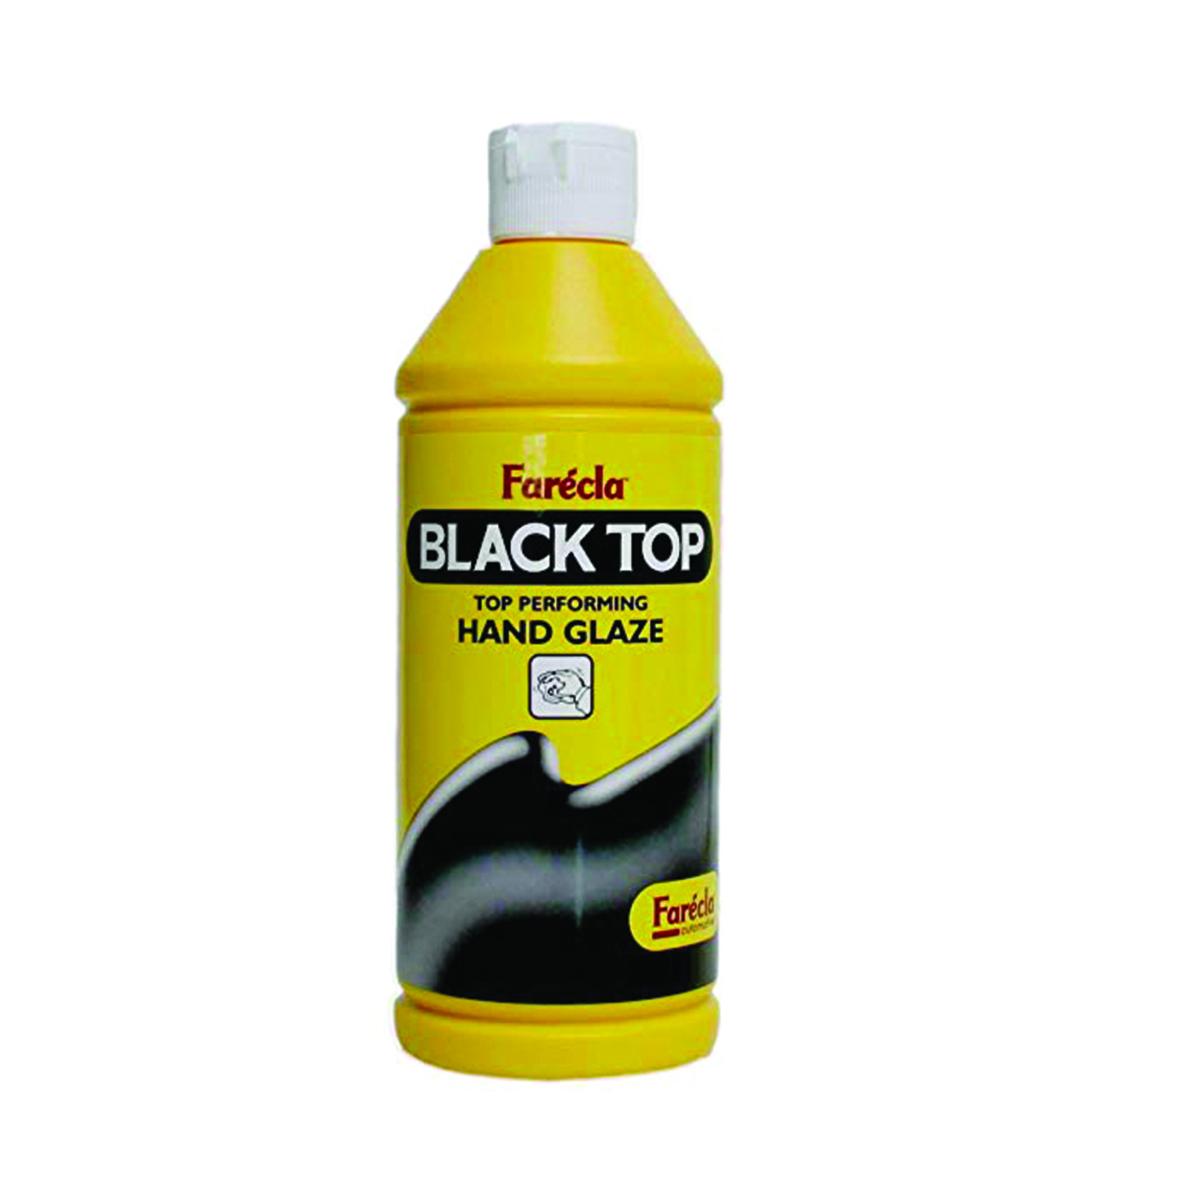 Black Top Hand Glaze